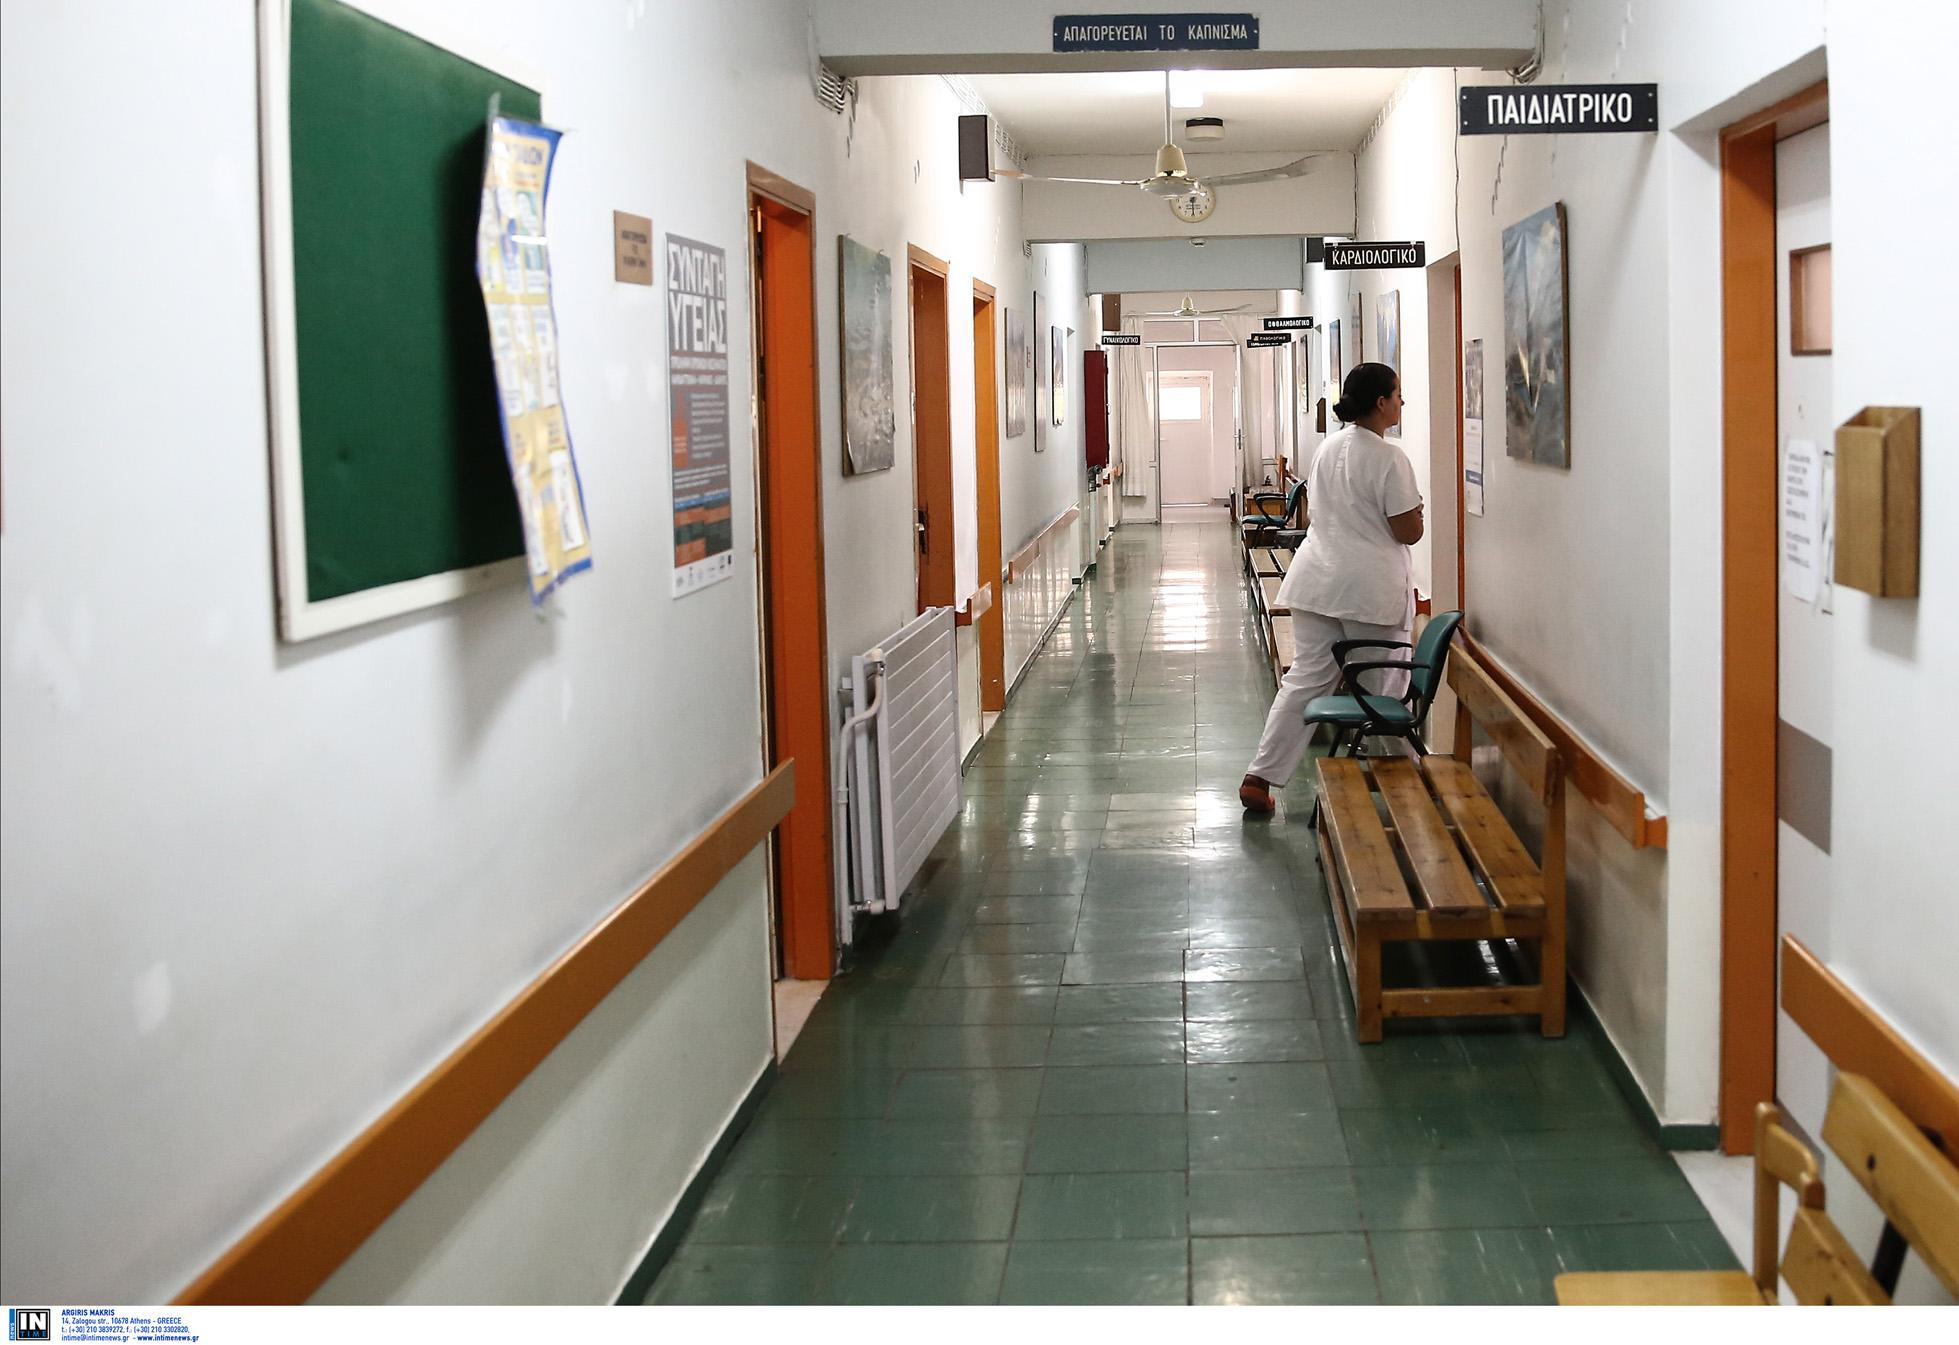 ΑΣΕΠ: Προκηρύχθηκαν 1.209 μόνιμες θέσεις σε φορείς του υπουργείου Υγείας